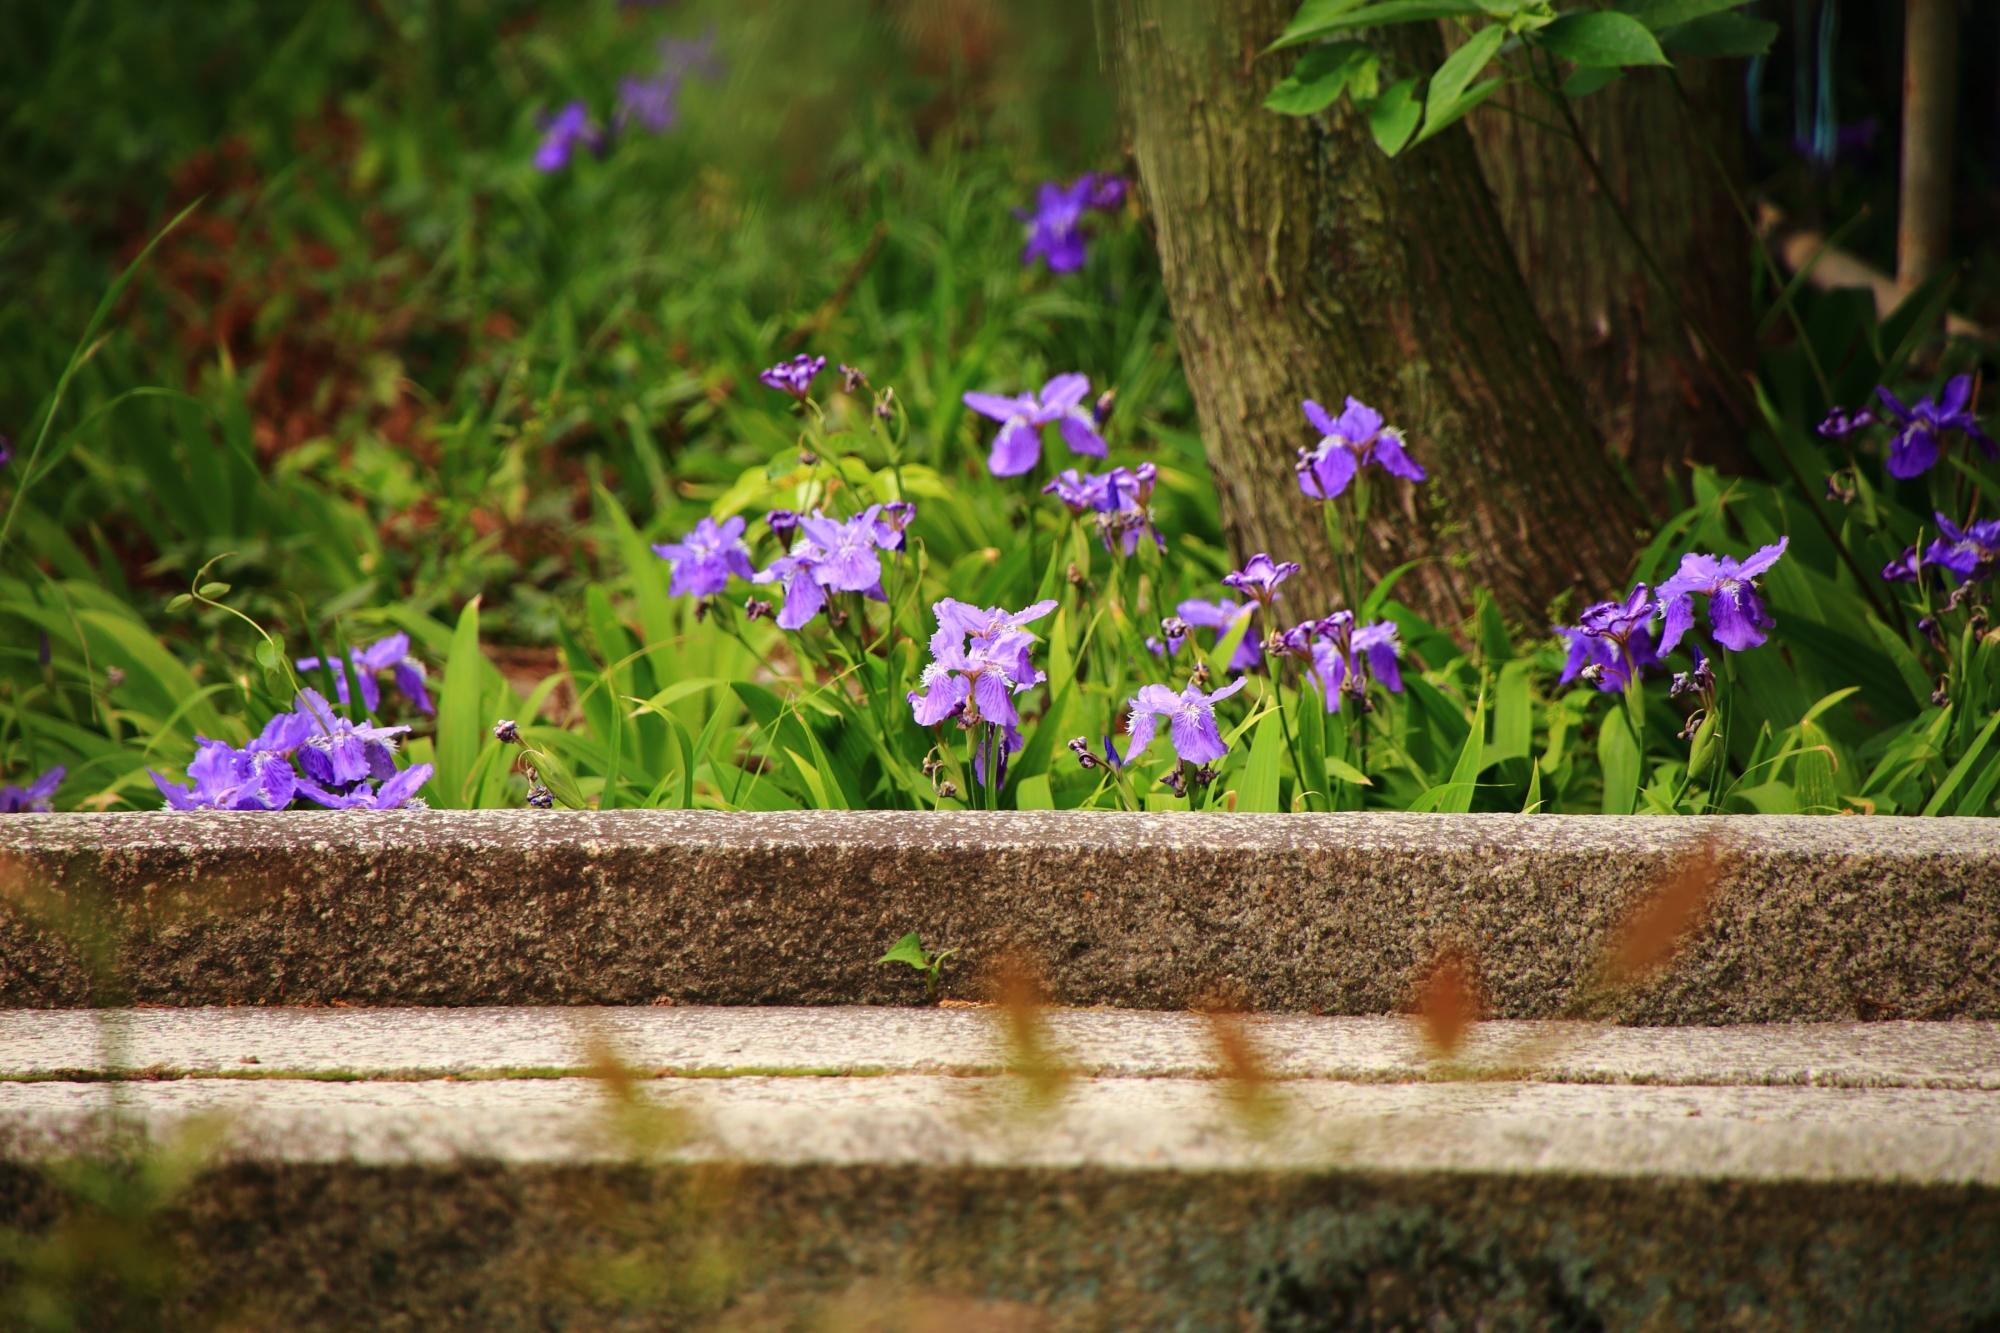 石橋から頭を覗かせる可愛いイチハツの花